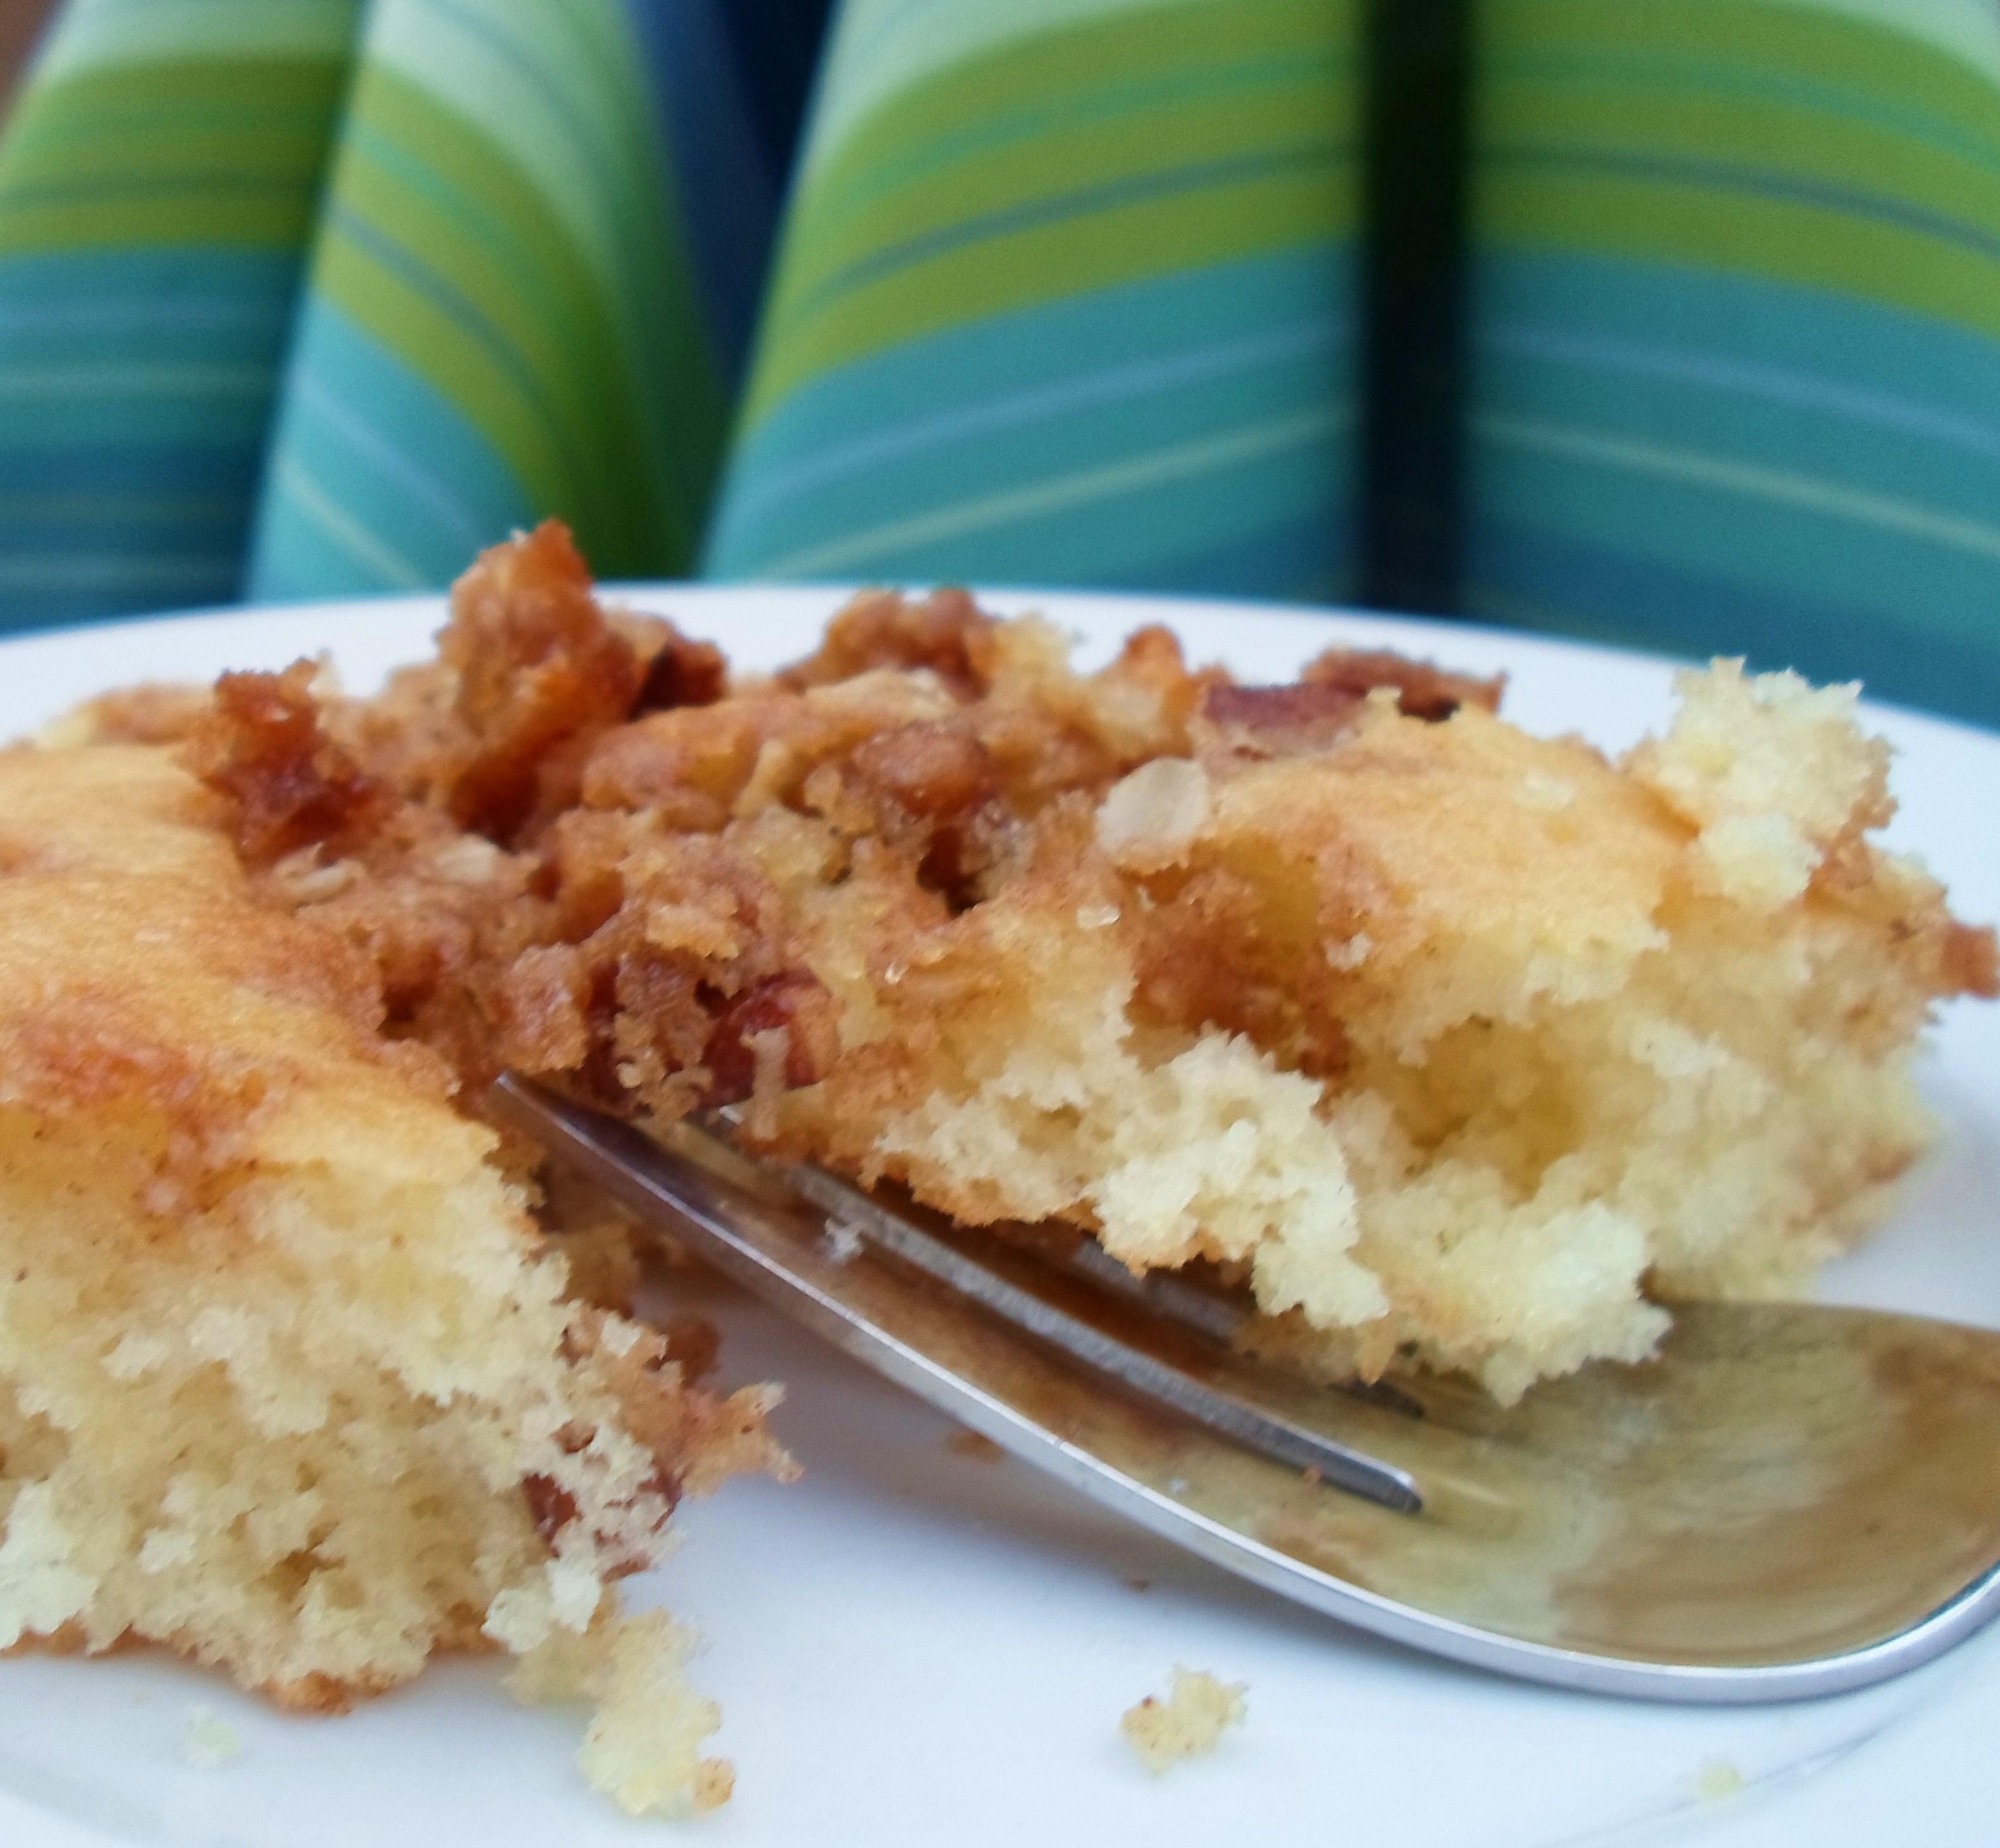 Coffee Cake Recipes Using Pancake Mix